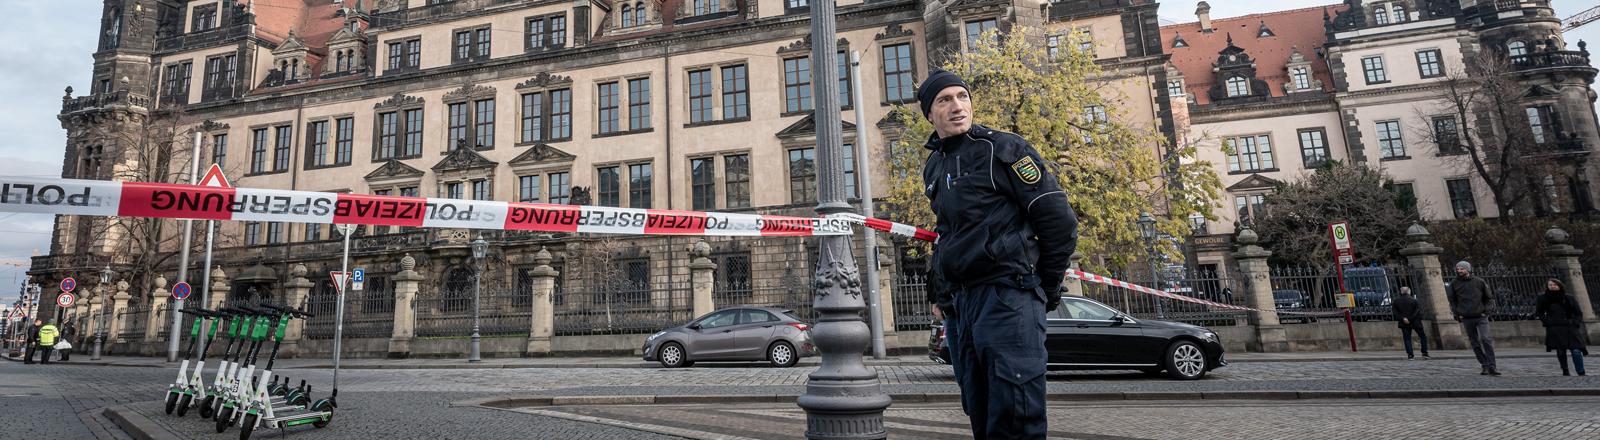 Eine Polizeiabsperrung vor der Dresdner Residenz